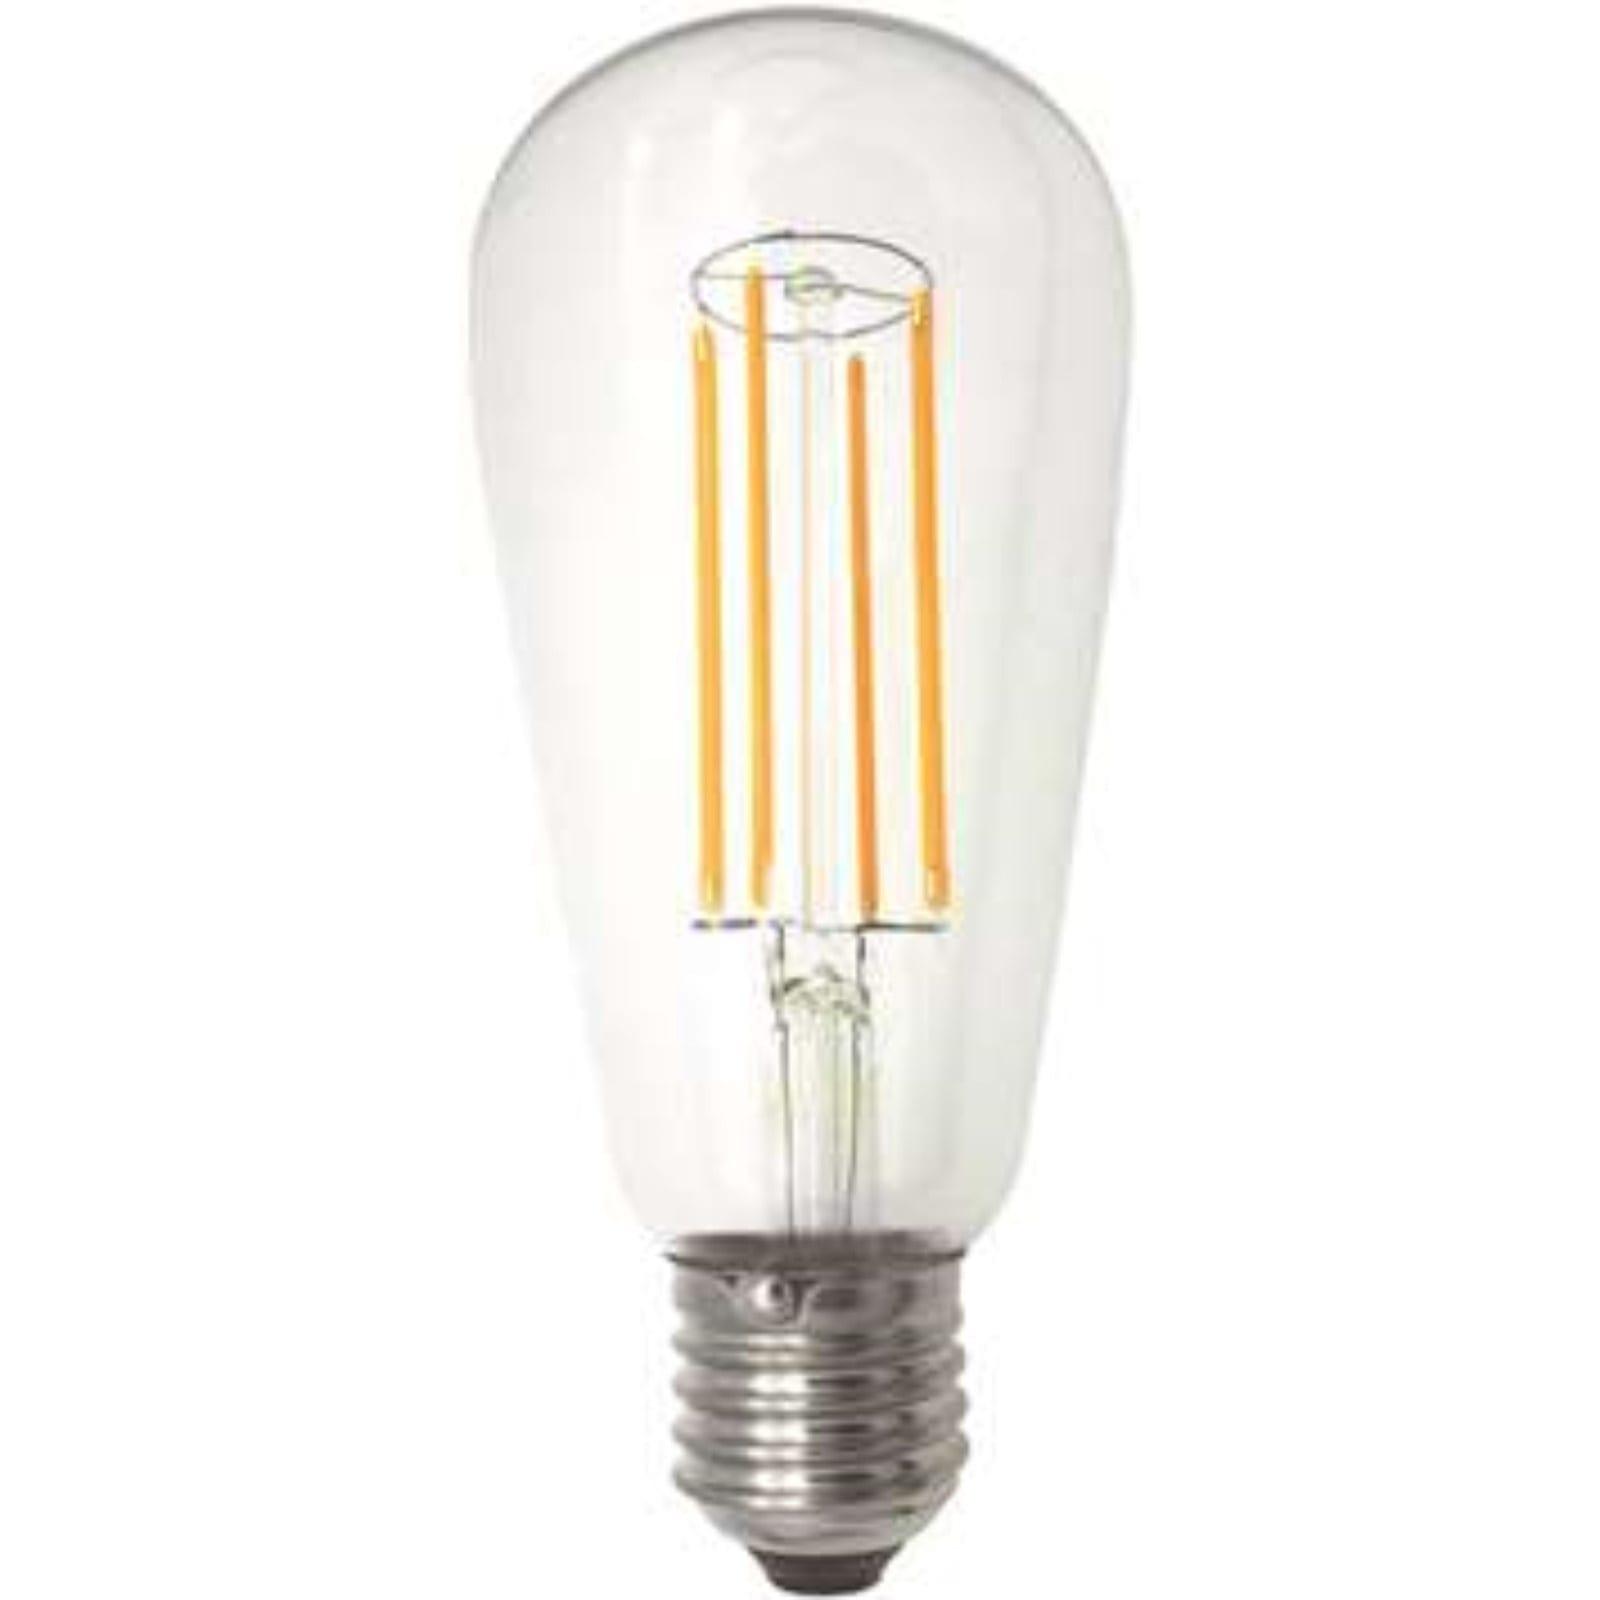 LED Filament Lanterne ST64 E27 5,5W 2100K 600LM Dimbar